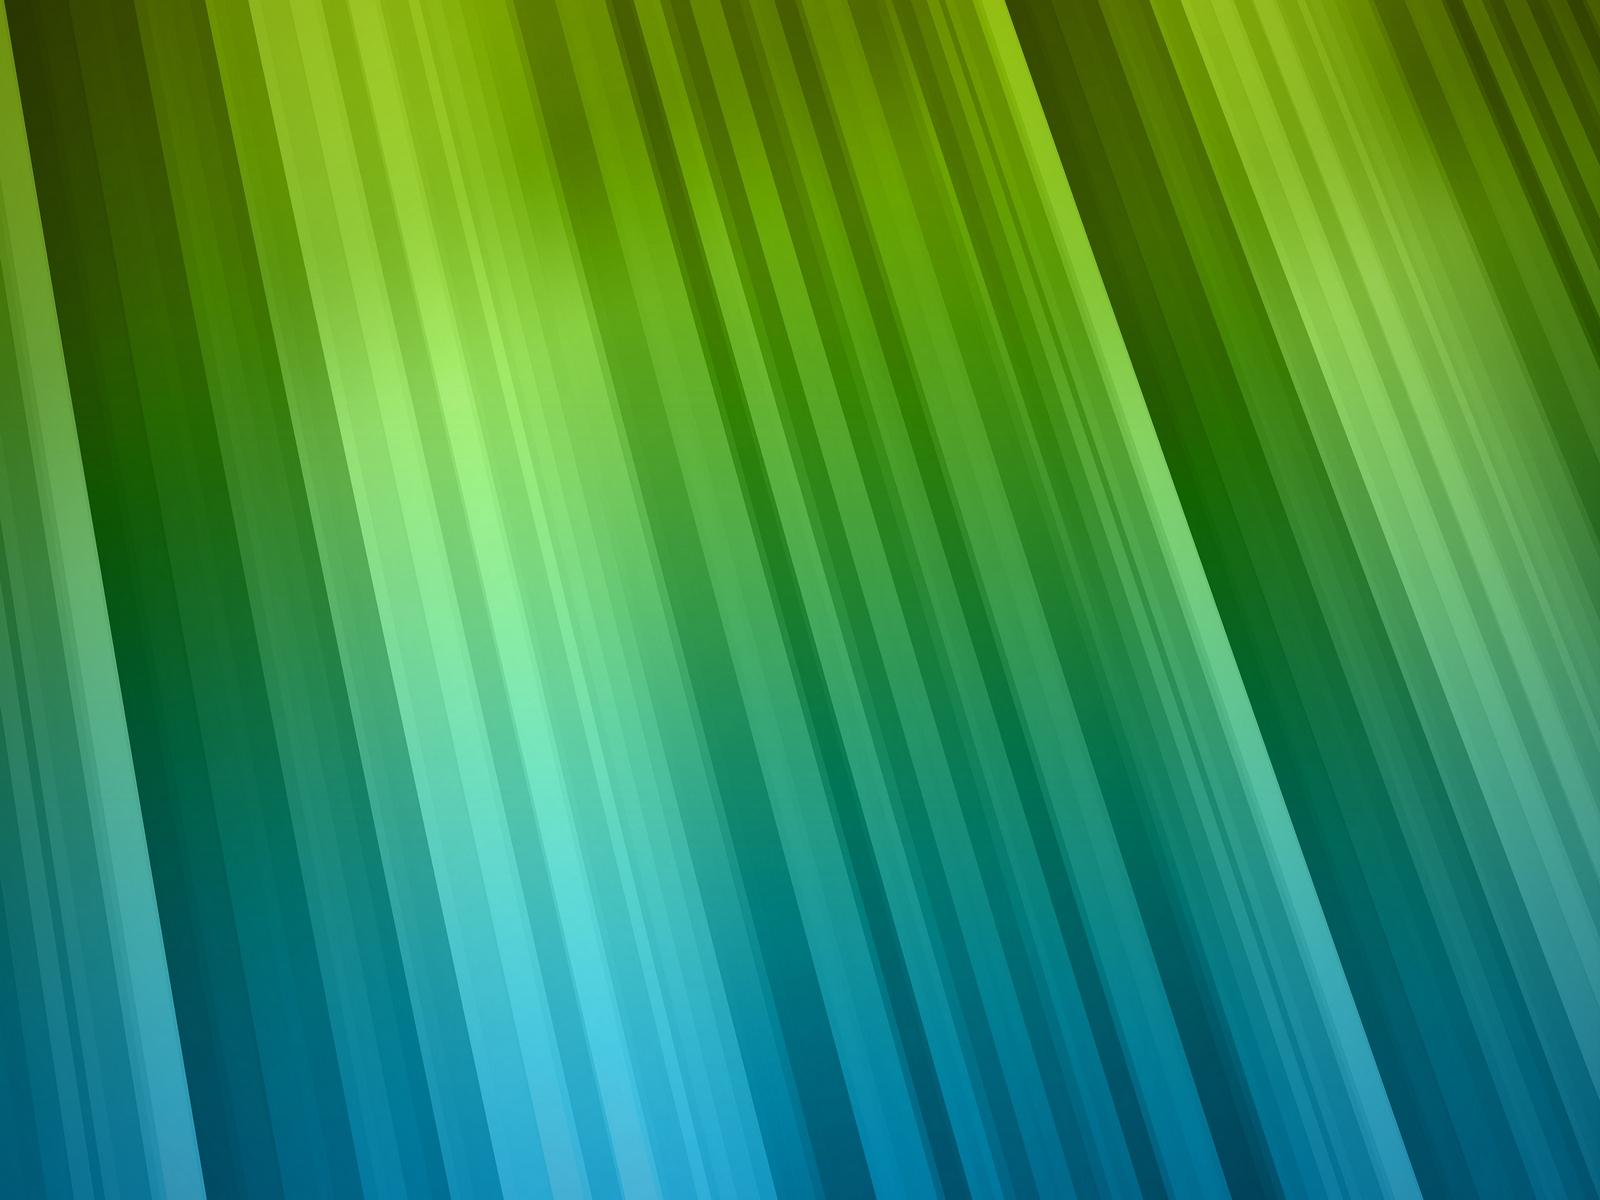 Green and blue wallpaper   Green Wallpaper 23886965 1600x1200